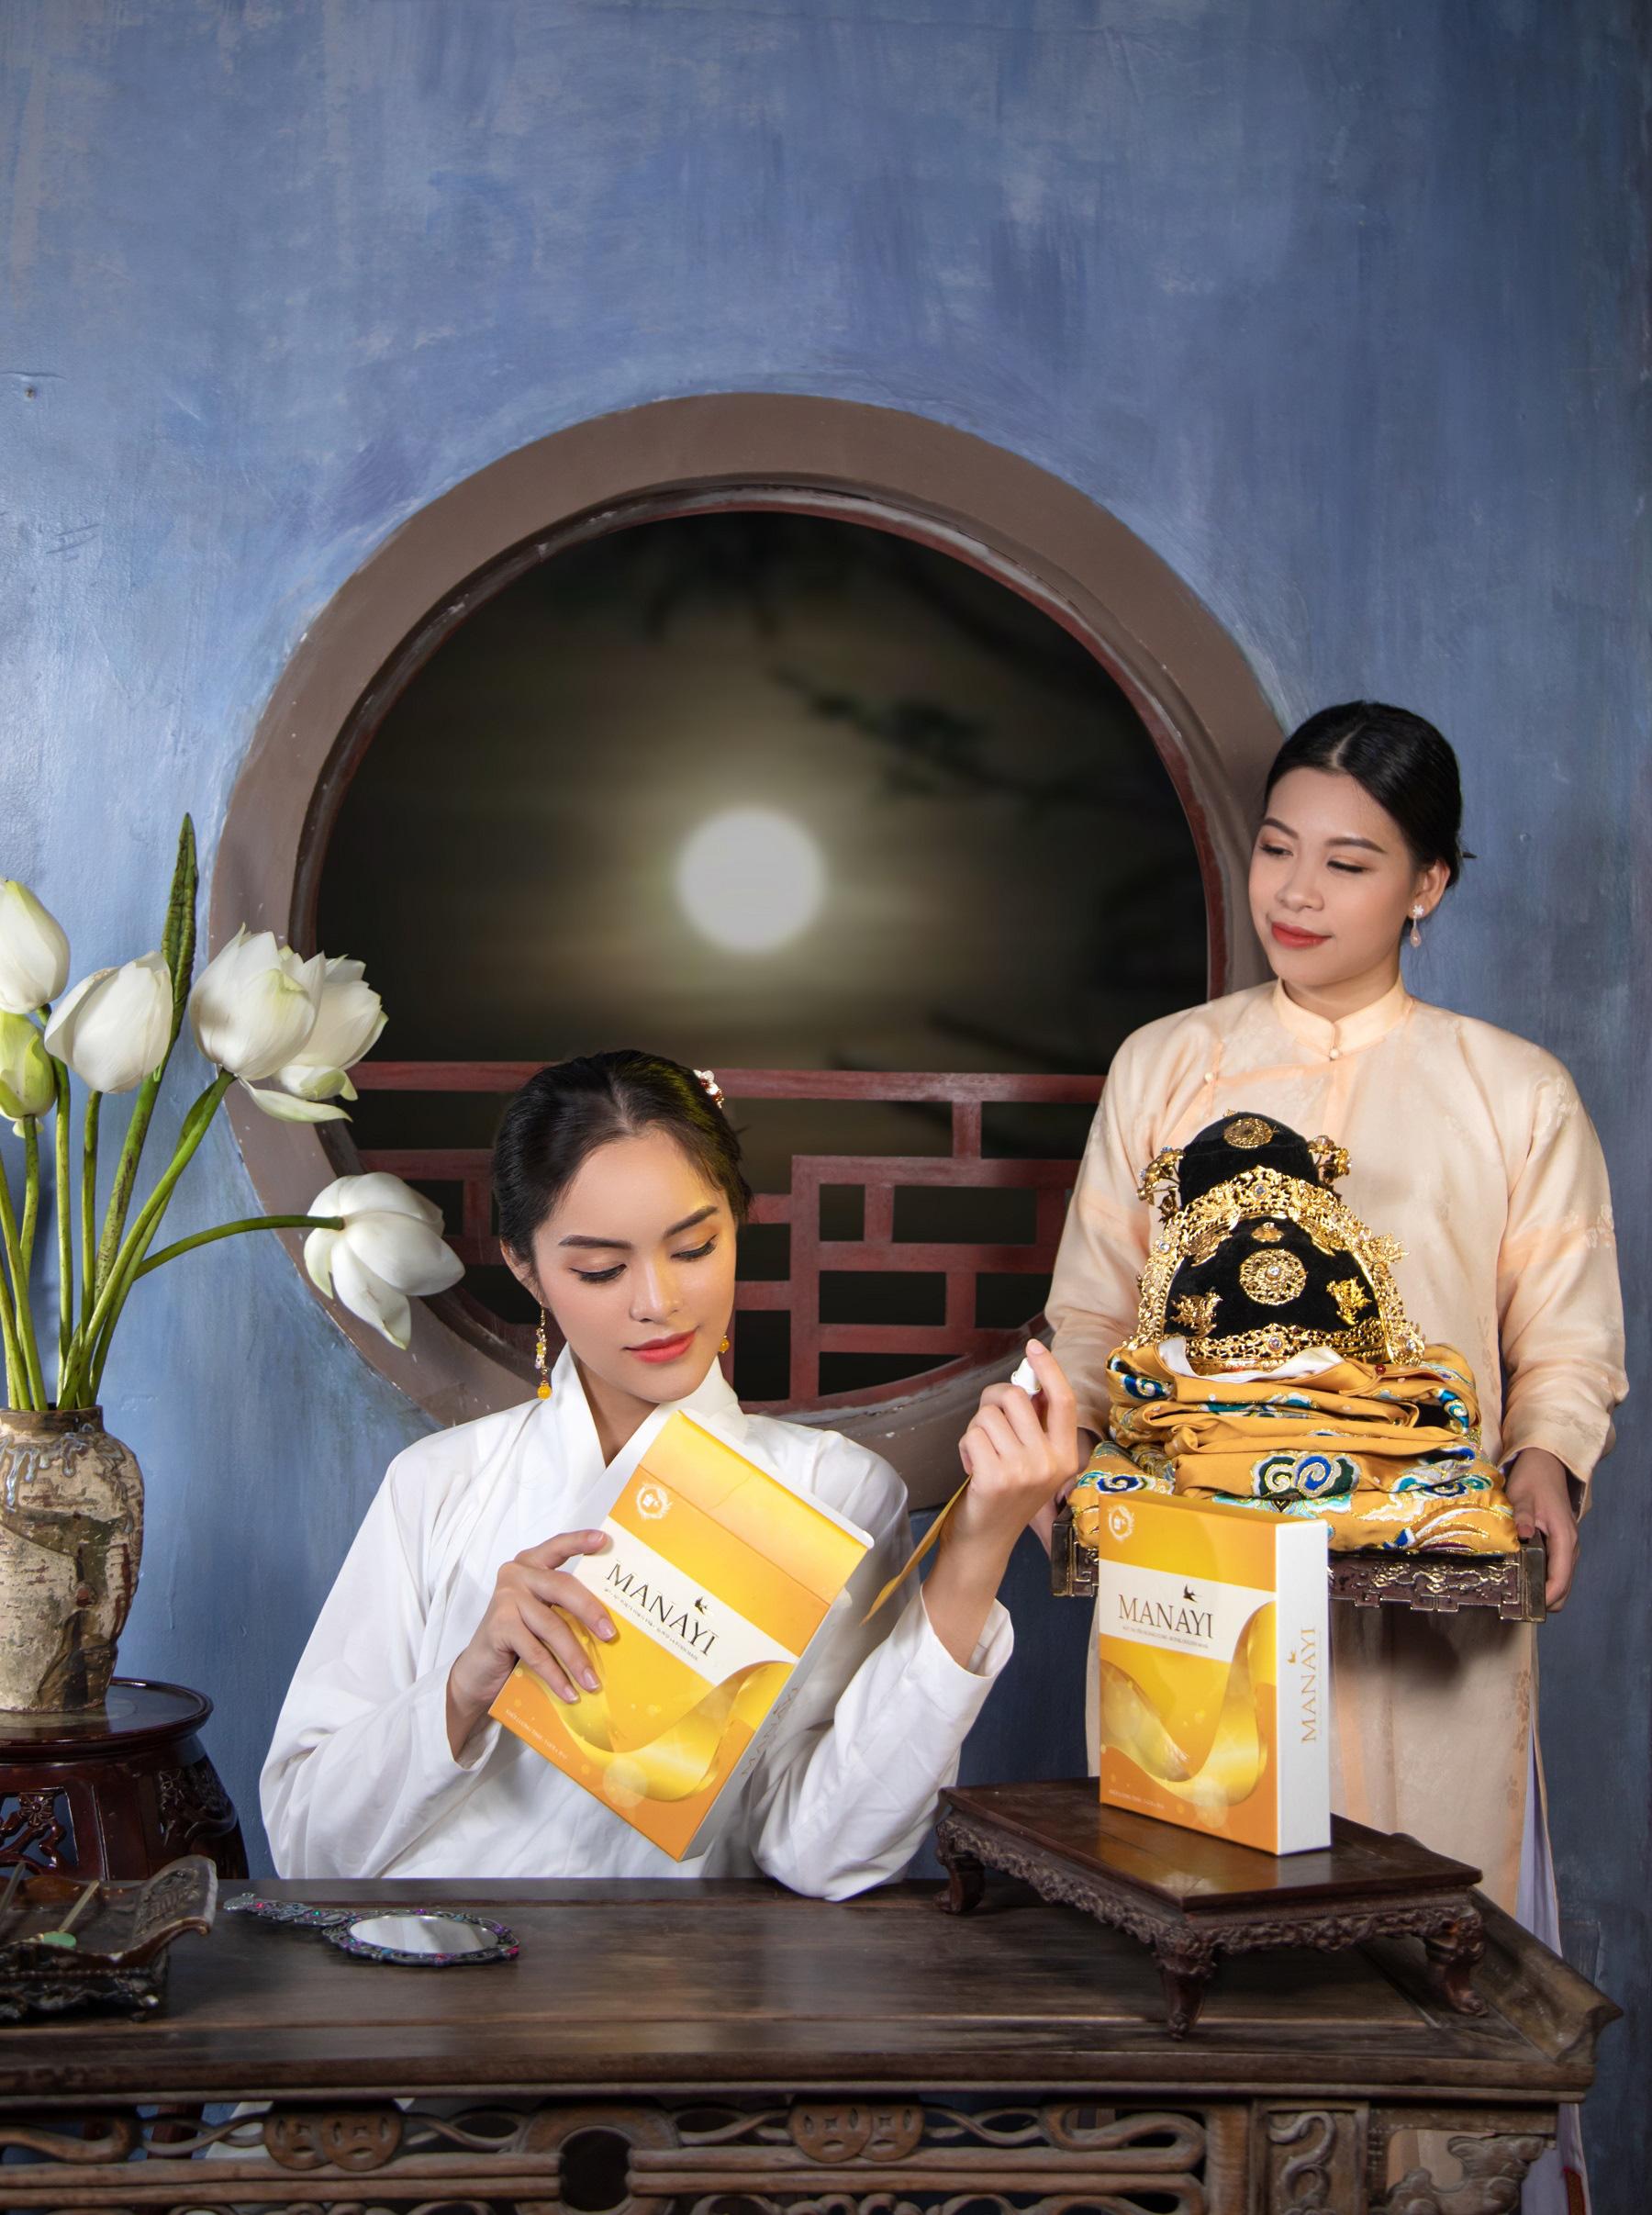 """Ấn tượng bộ ảnh """"Manayi - vàng son một thuở"""" tôn vinh hương sắc đất Việt ngàn năm - Ảnh 3."""